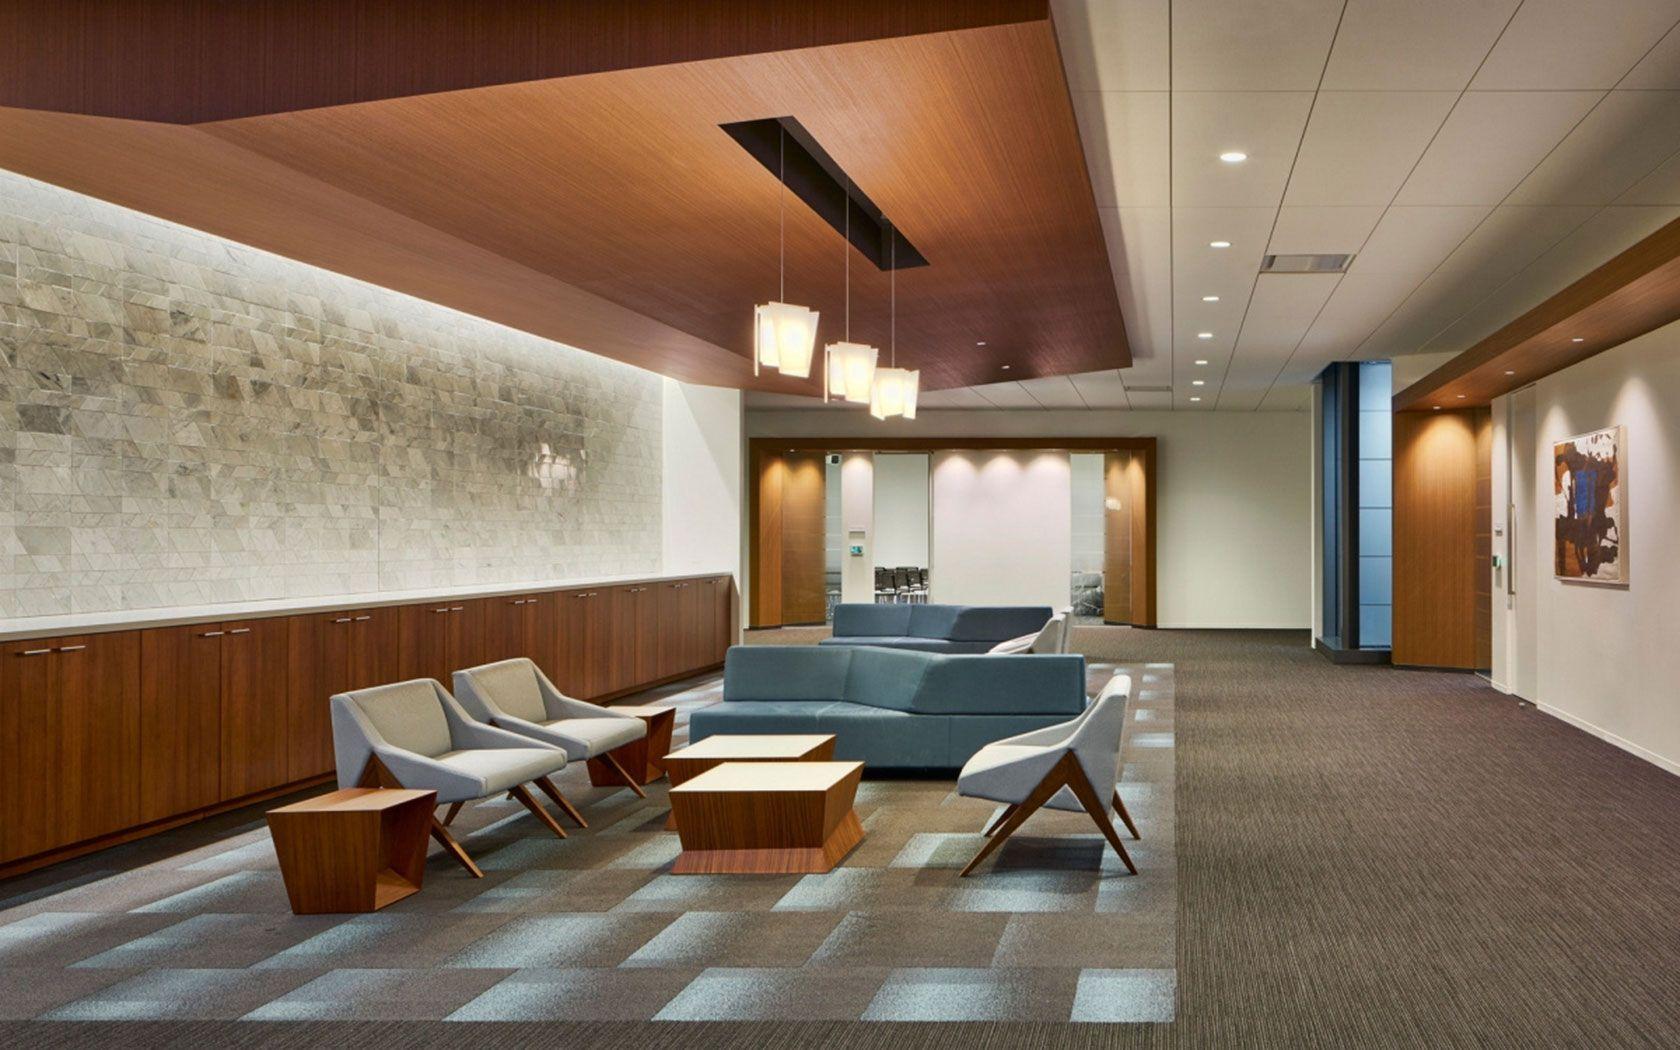 Appropriate Design Limited Interior design and decor in